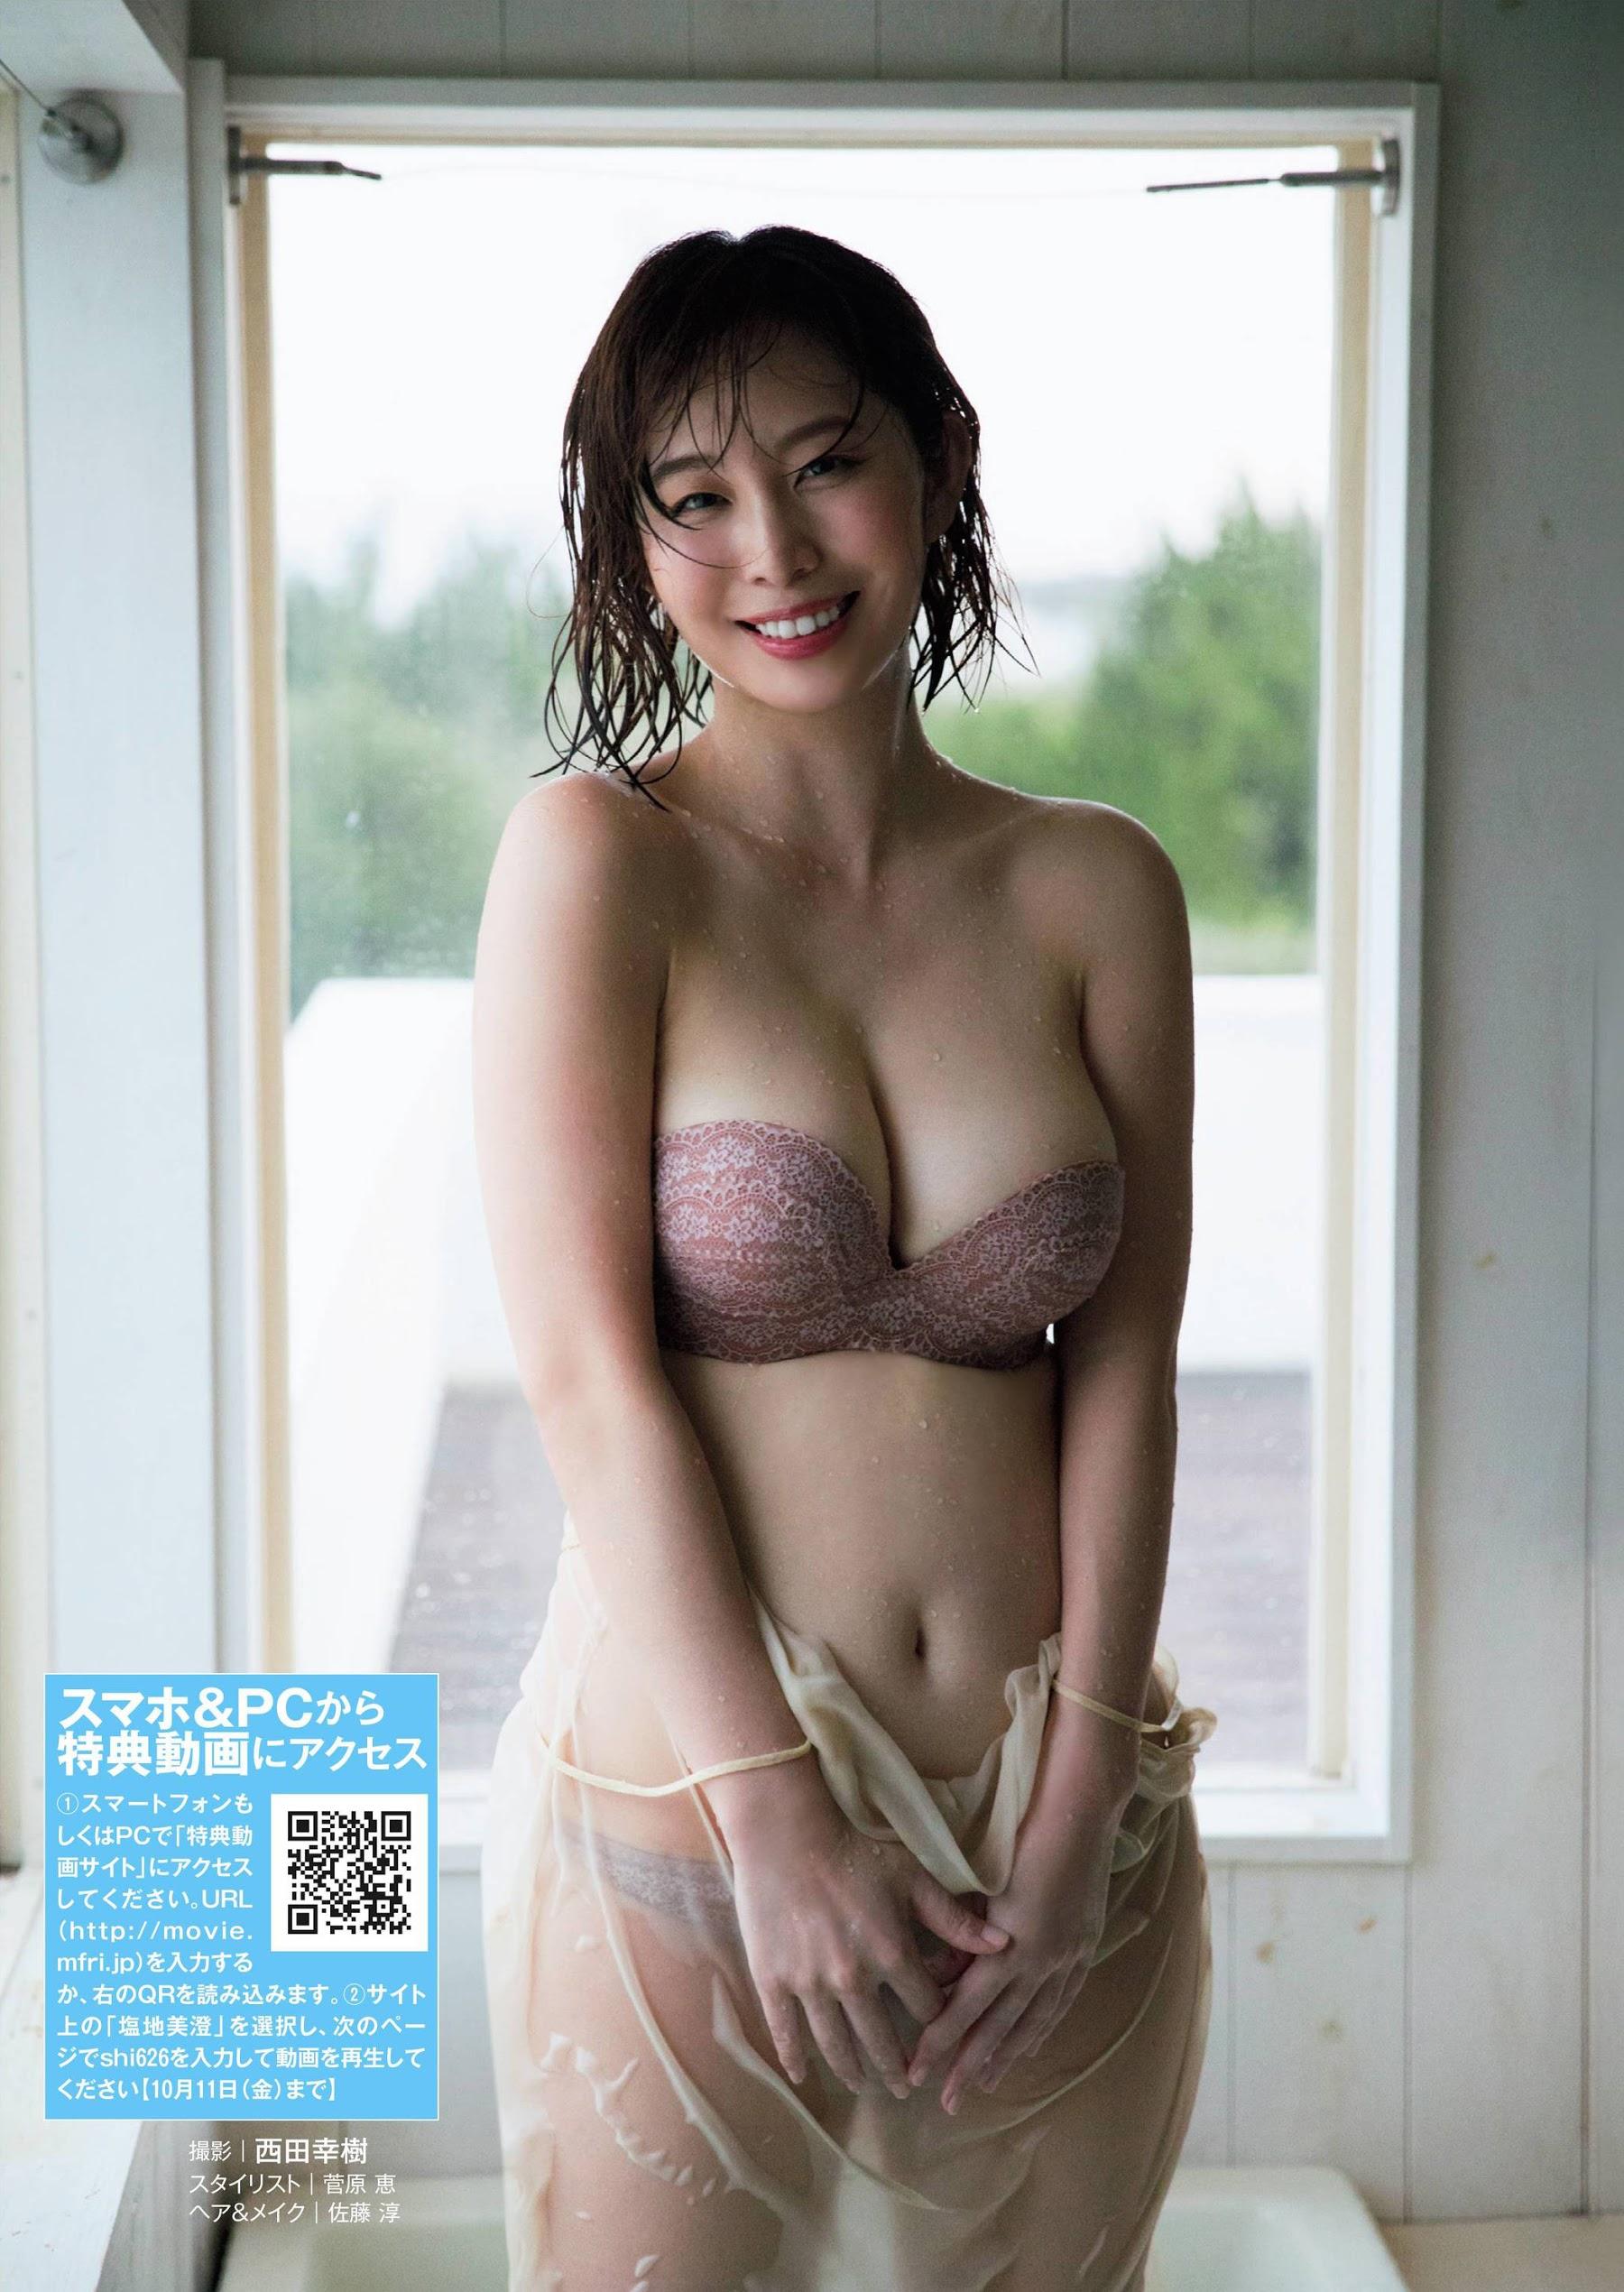 Misumi Shiochi, a female announcer in her underwear007